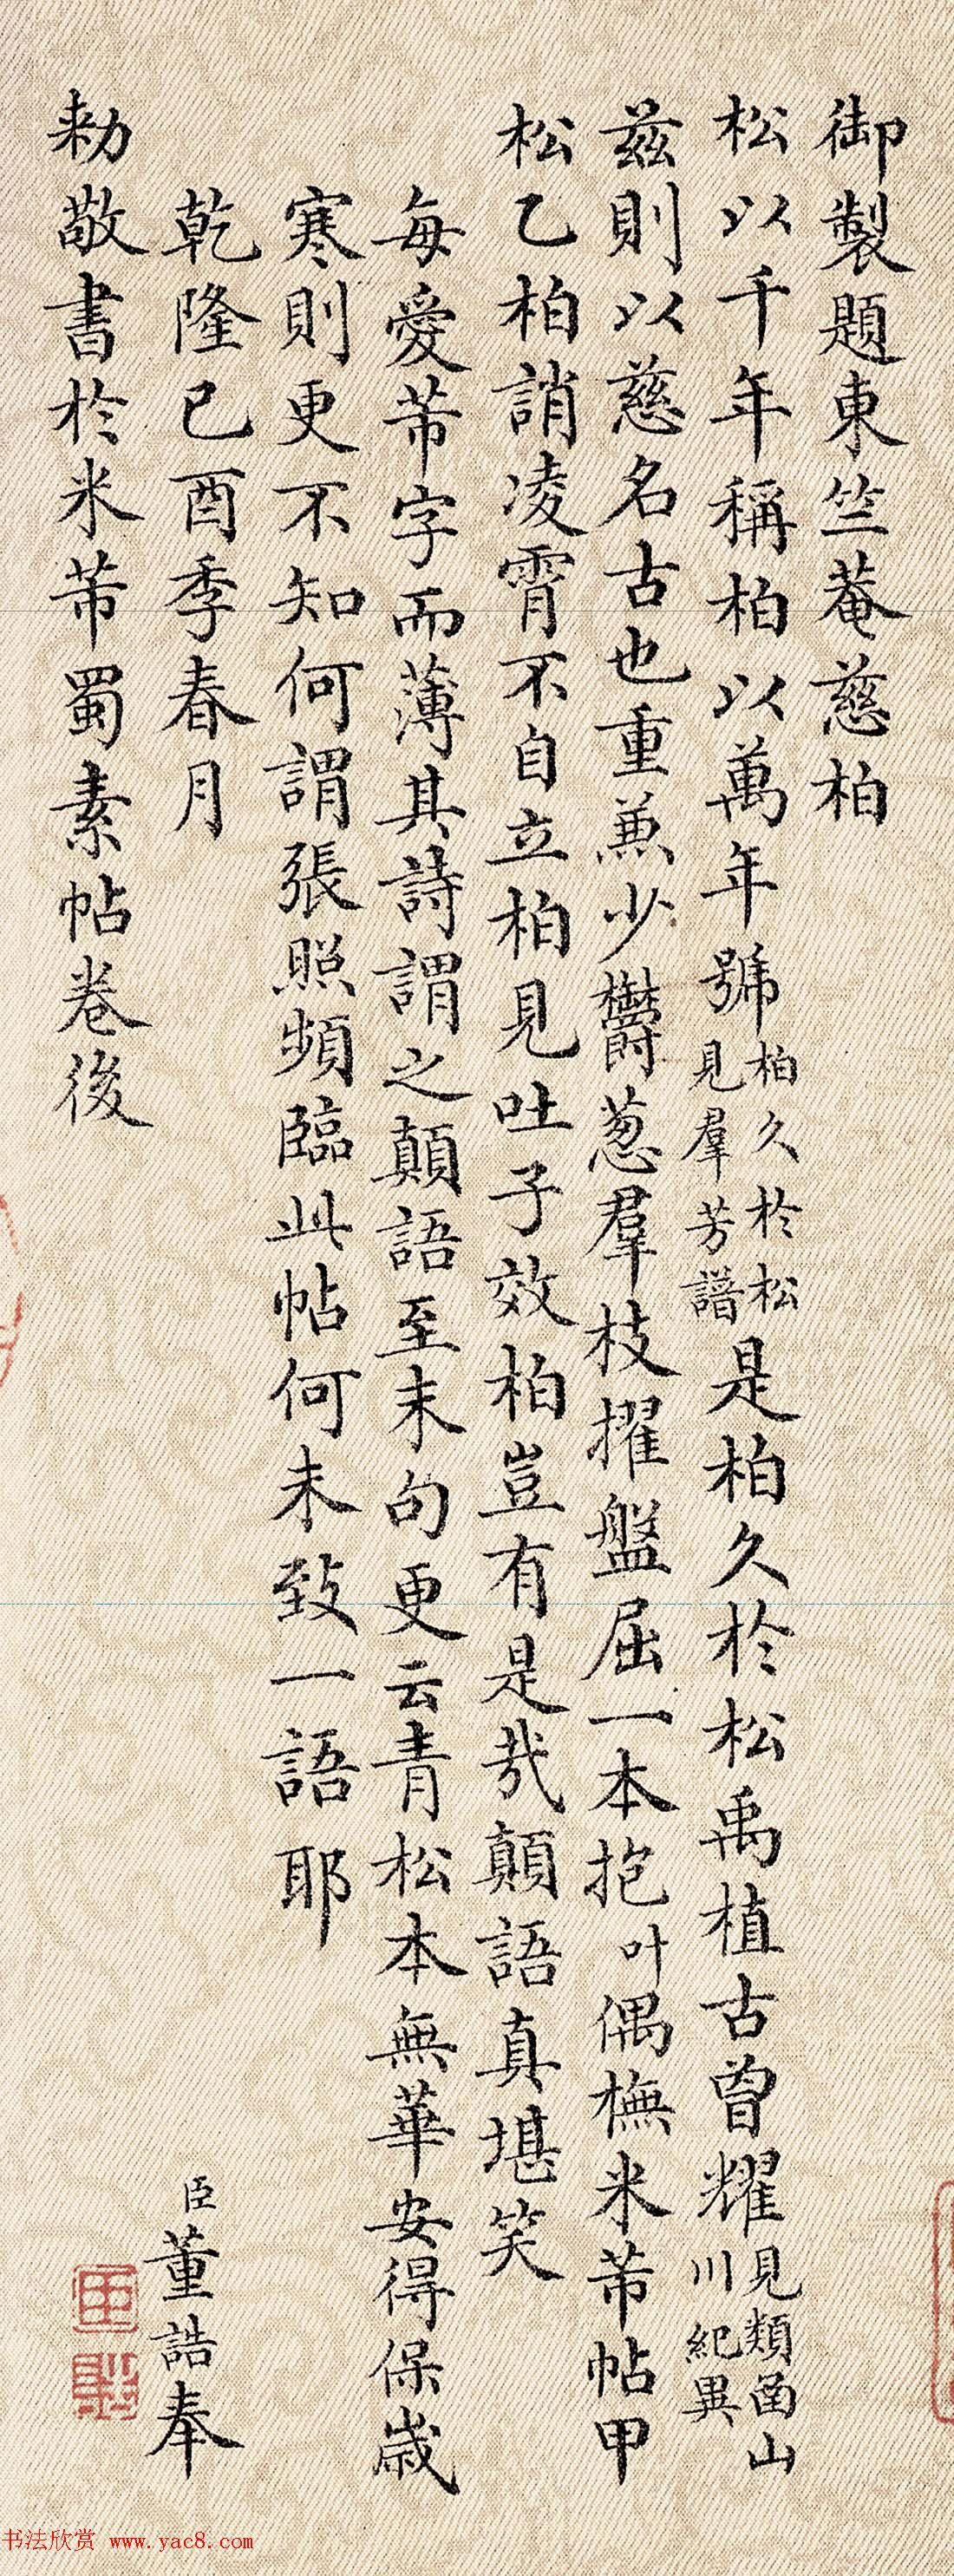 董诰楷书欣赏《奉旨题写蜀素帖前后两跋》